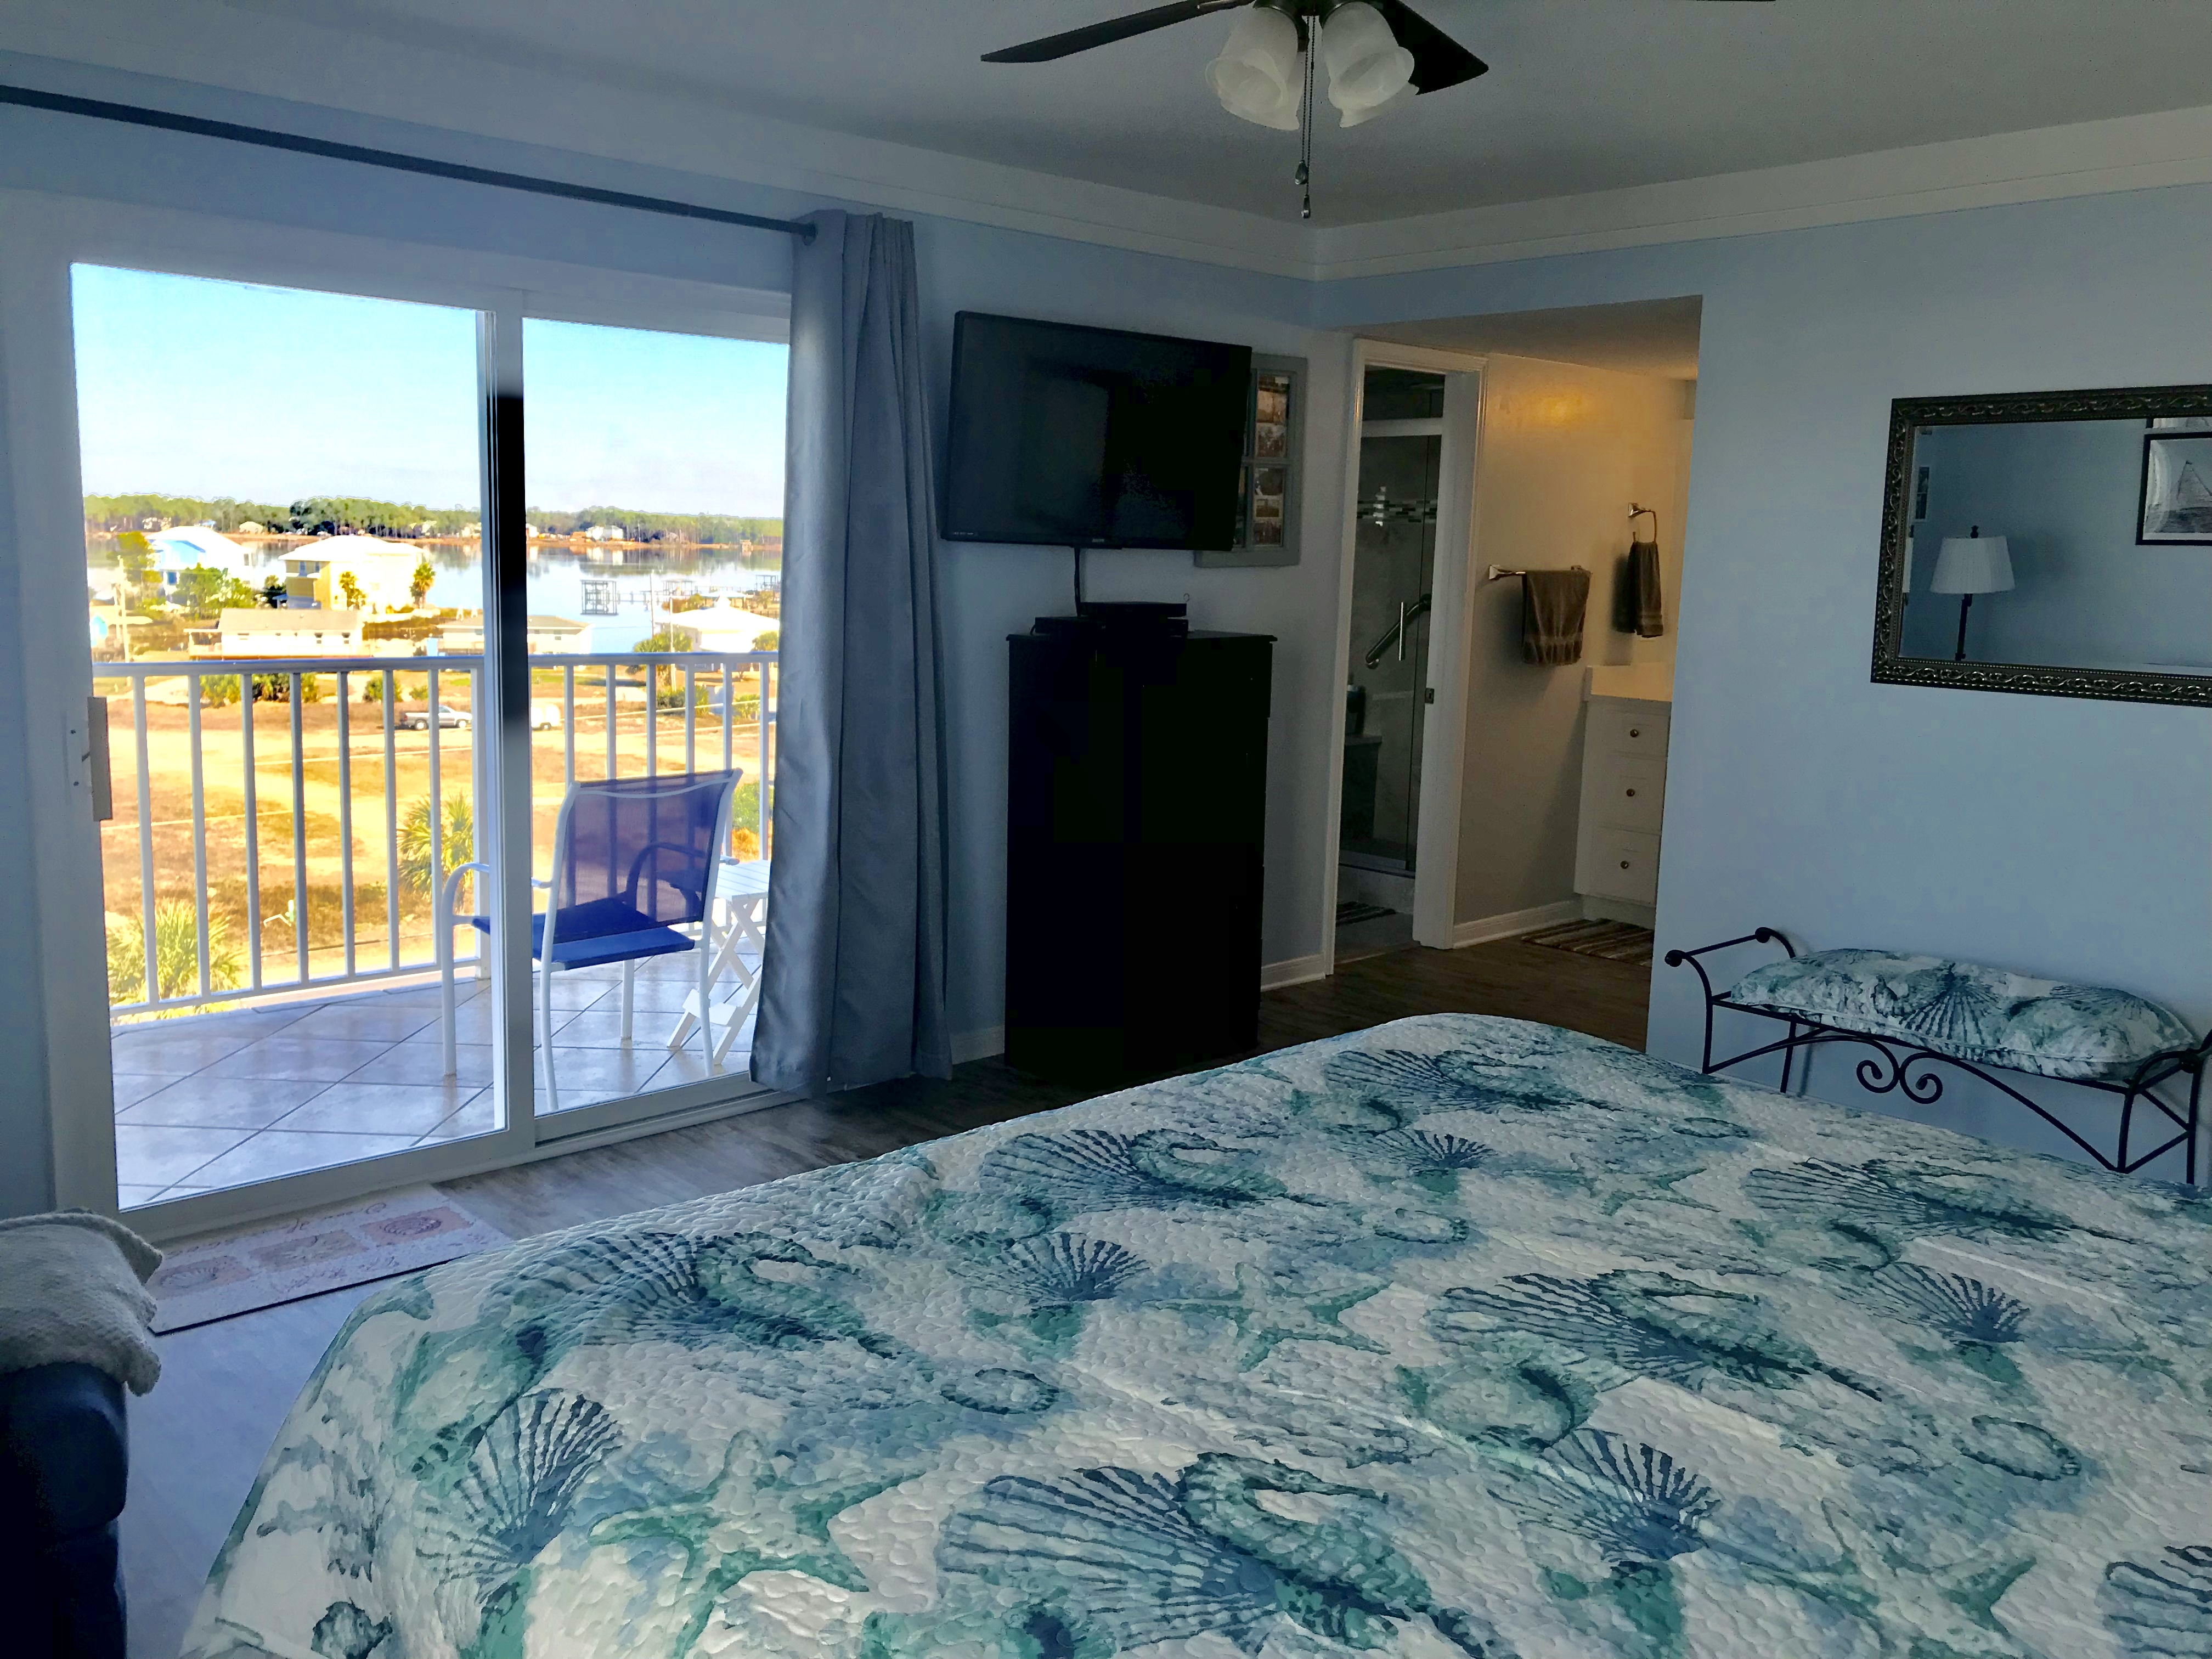 Ocean House 2606 Condo rental in Ocean House - Gulf Shores in Gulf Shores Alabama - #25